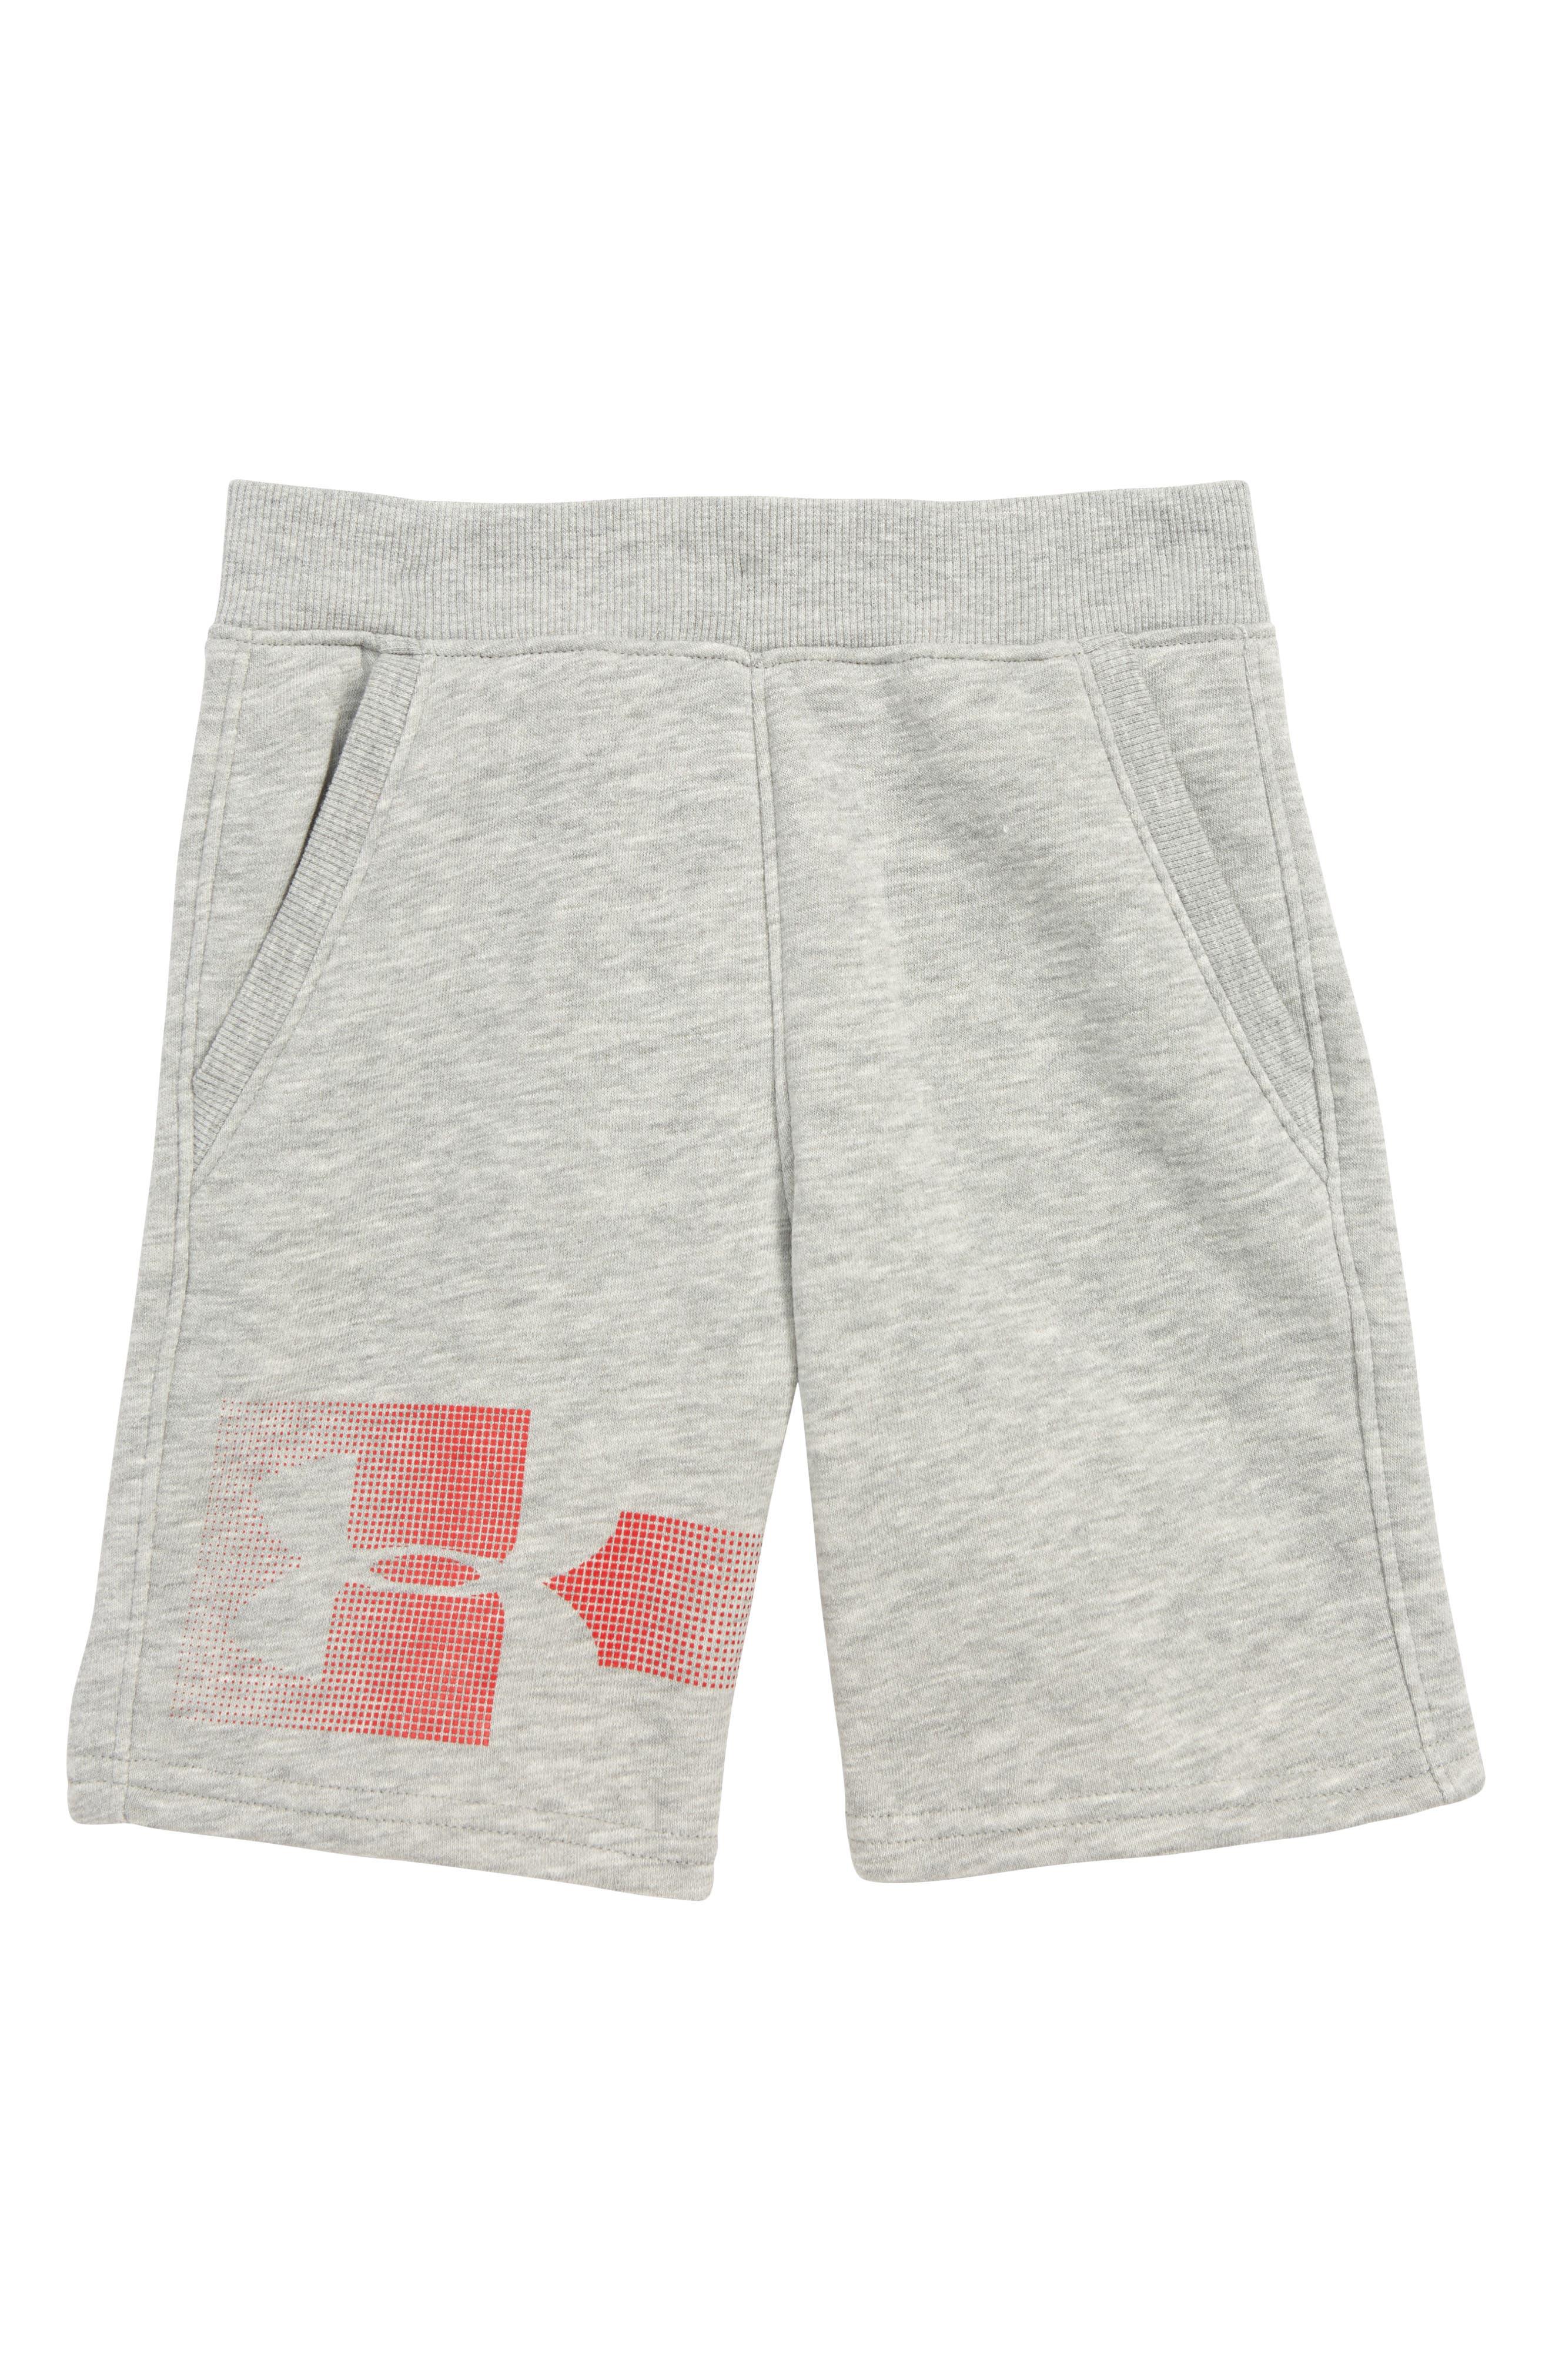 Rival HeatGear<sup>®</sup> Shorts,                             Main thumbnail 1, color,                             GREY